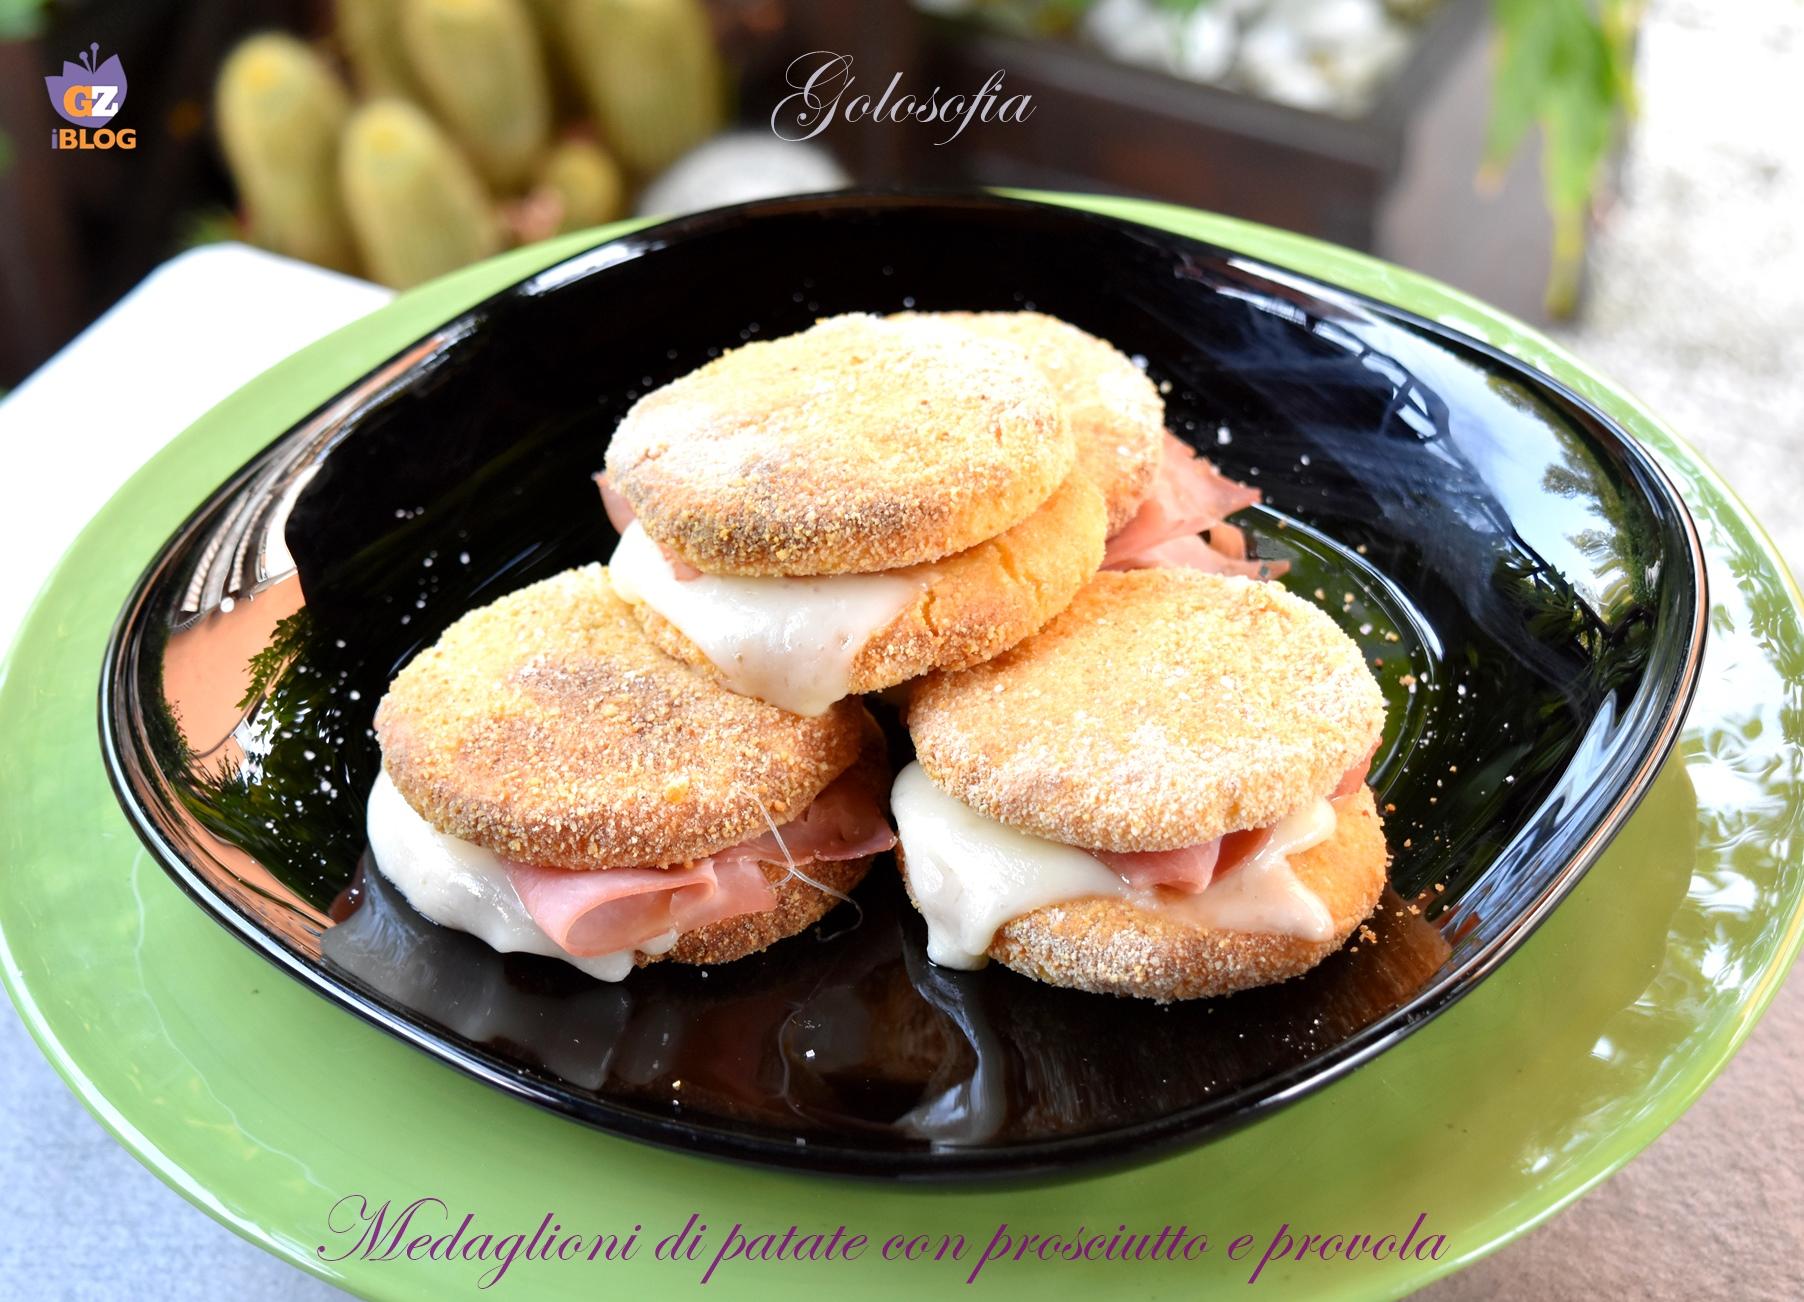 Medaglioni di patate con prosciutto e provola-ricetta secondi-golosofia